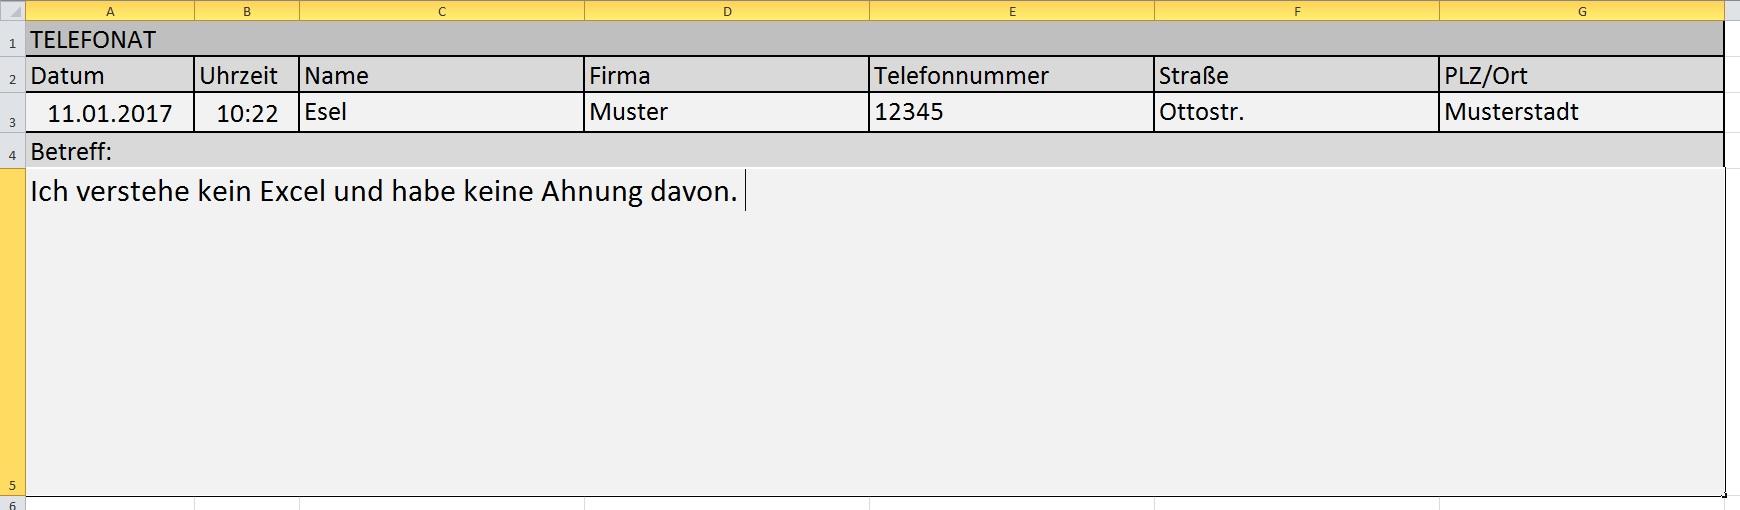 Excel Arbeitsblätter Umbenennen : Excel datei umbenennen nach inhalt der zelle name makro